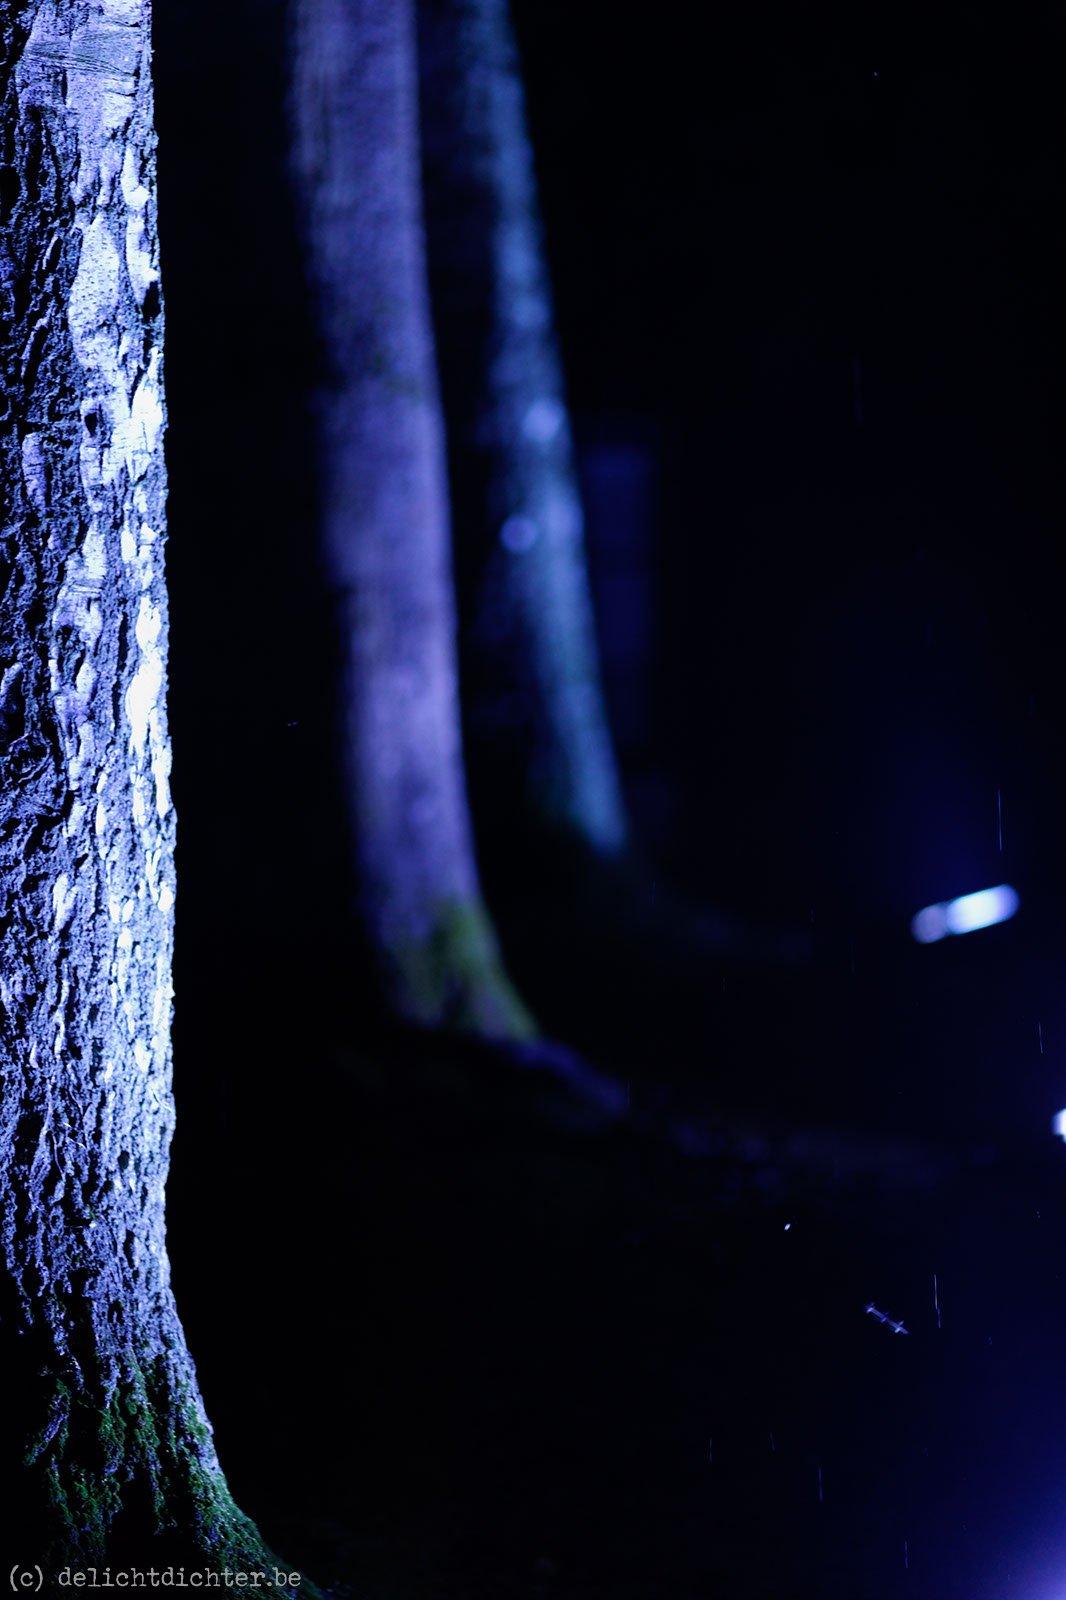 2010_10_nuitmagique_20101023_204531_dxo